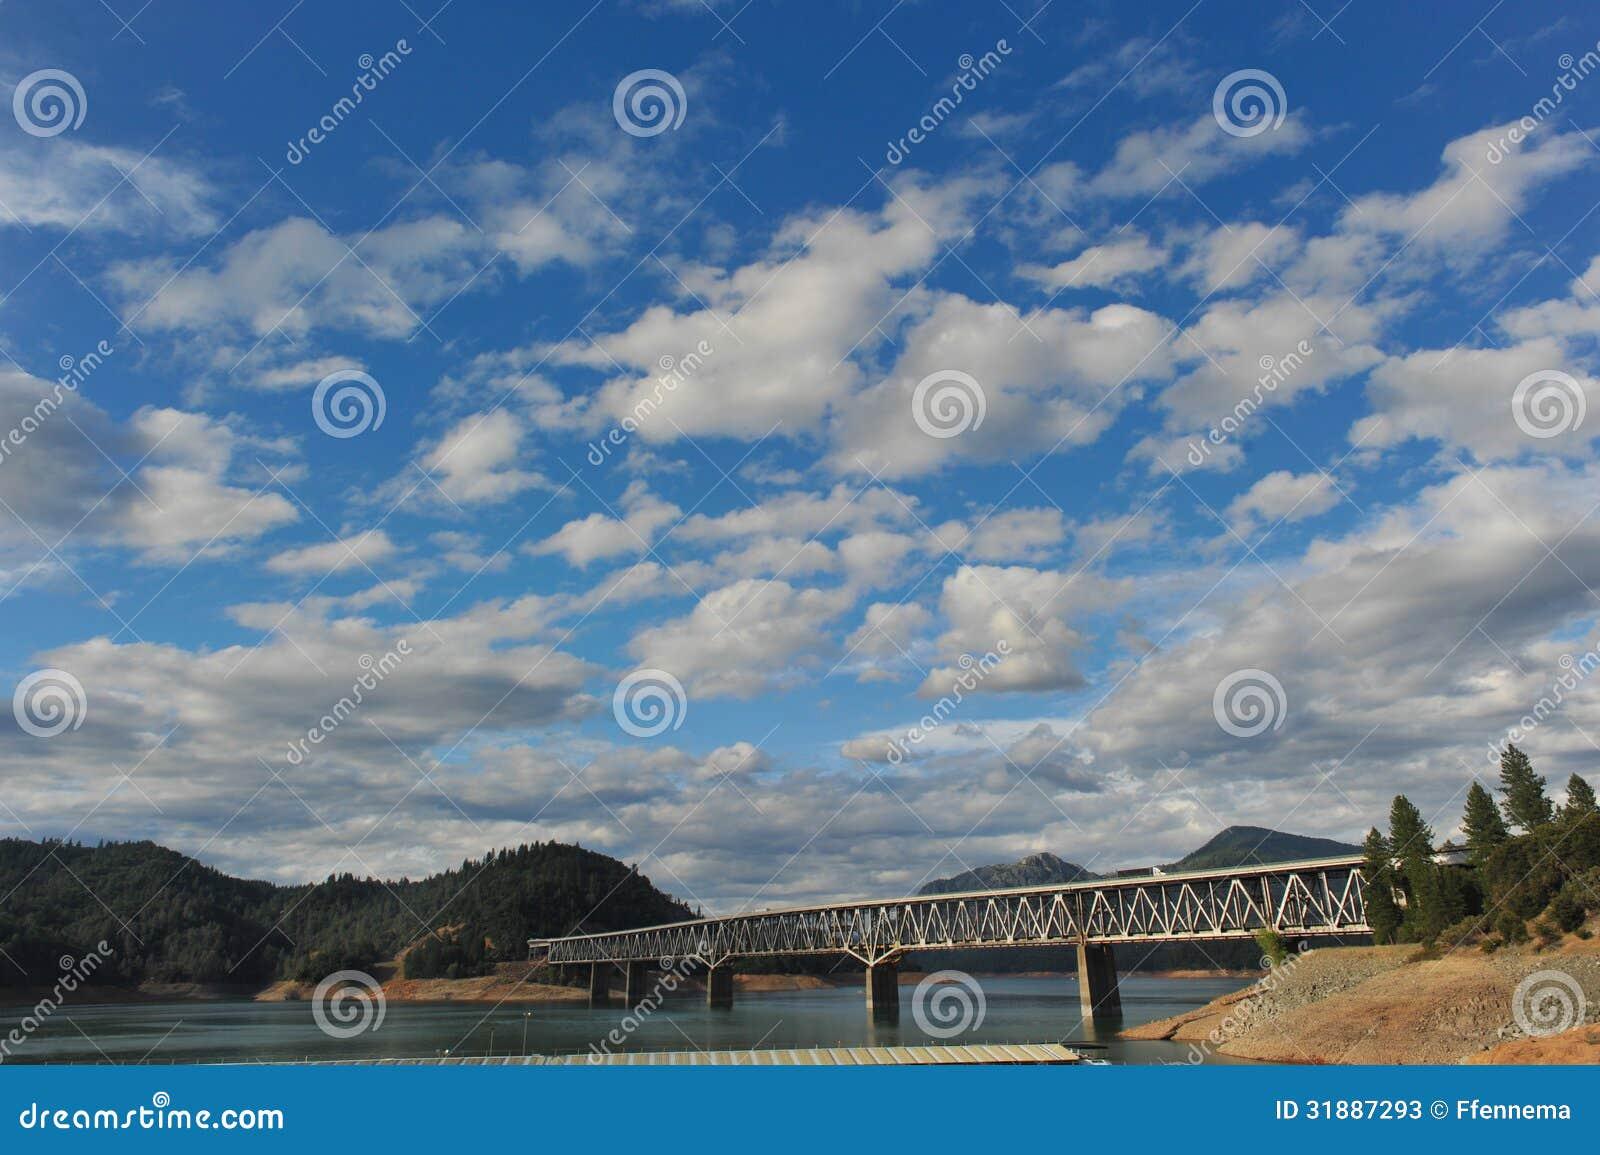 Ponte sobre o lago Shasta sob o céu nebuloso